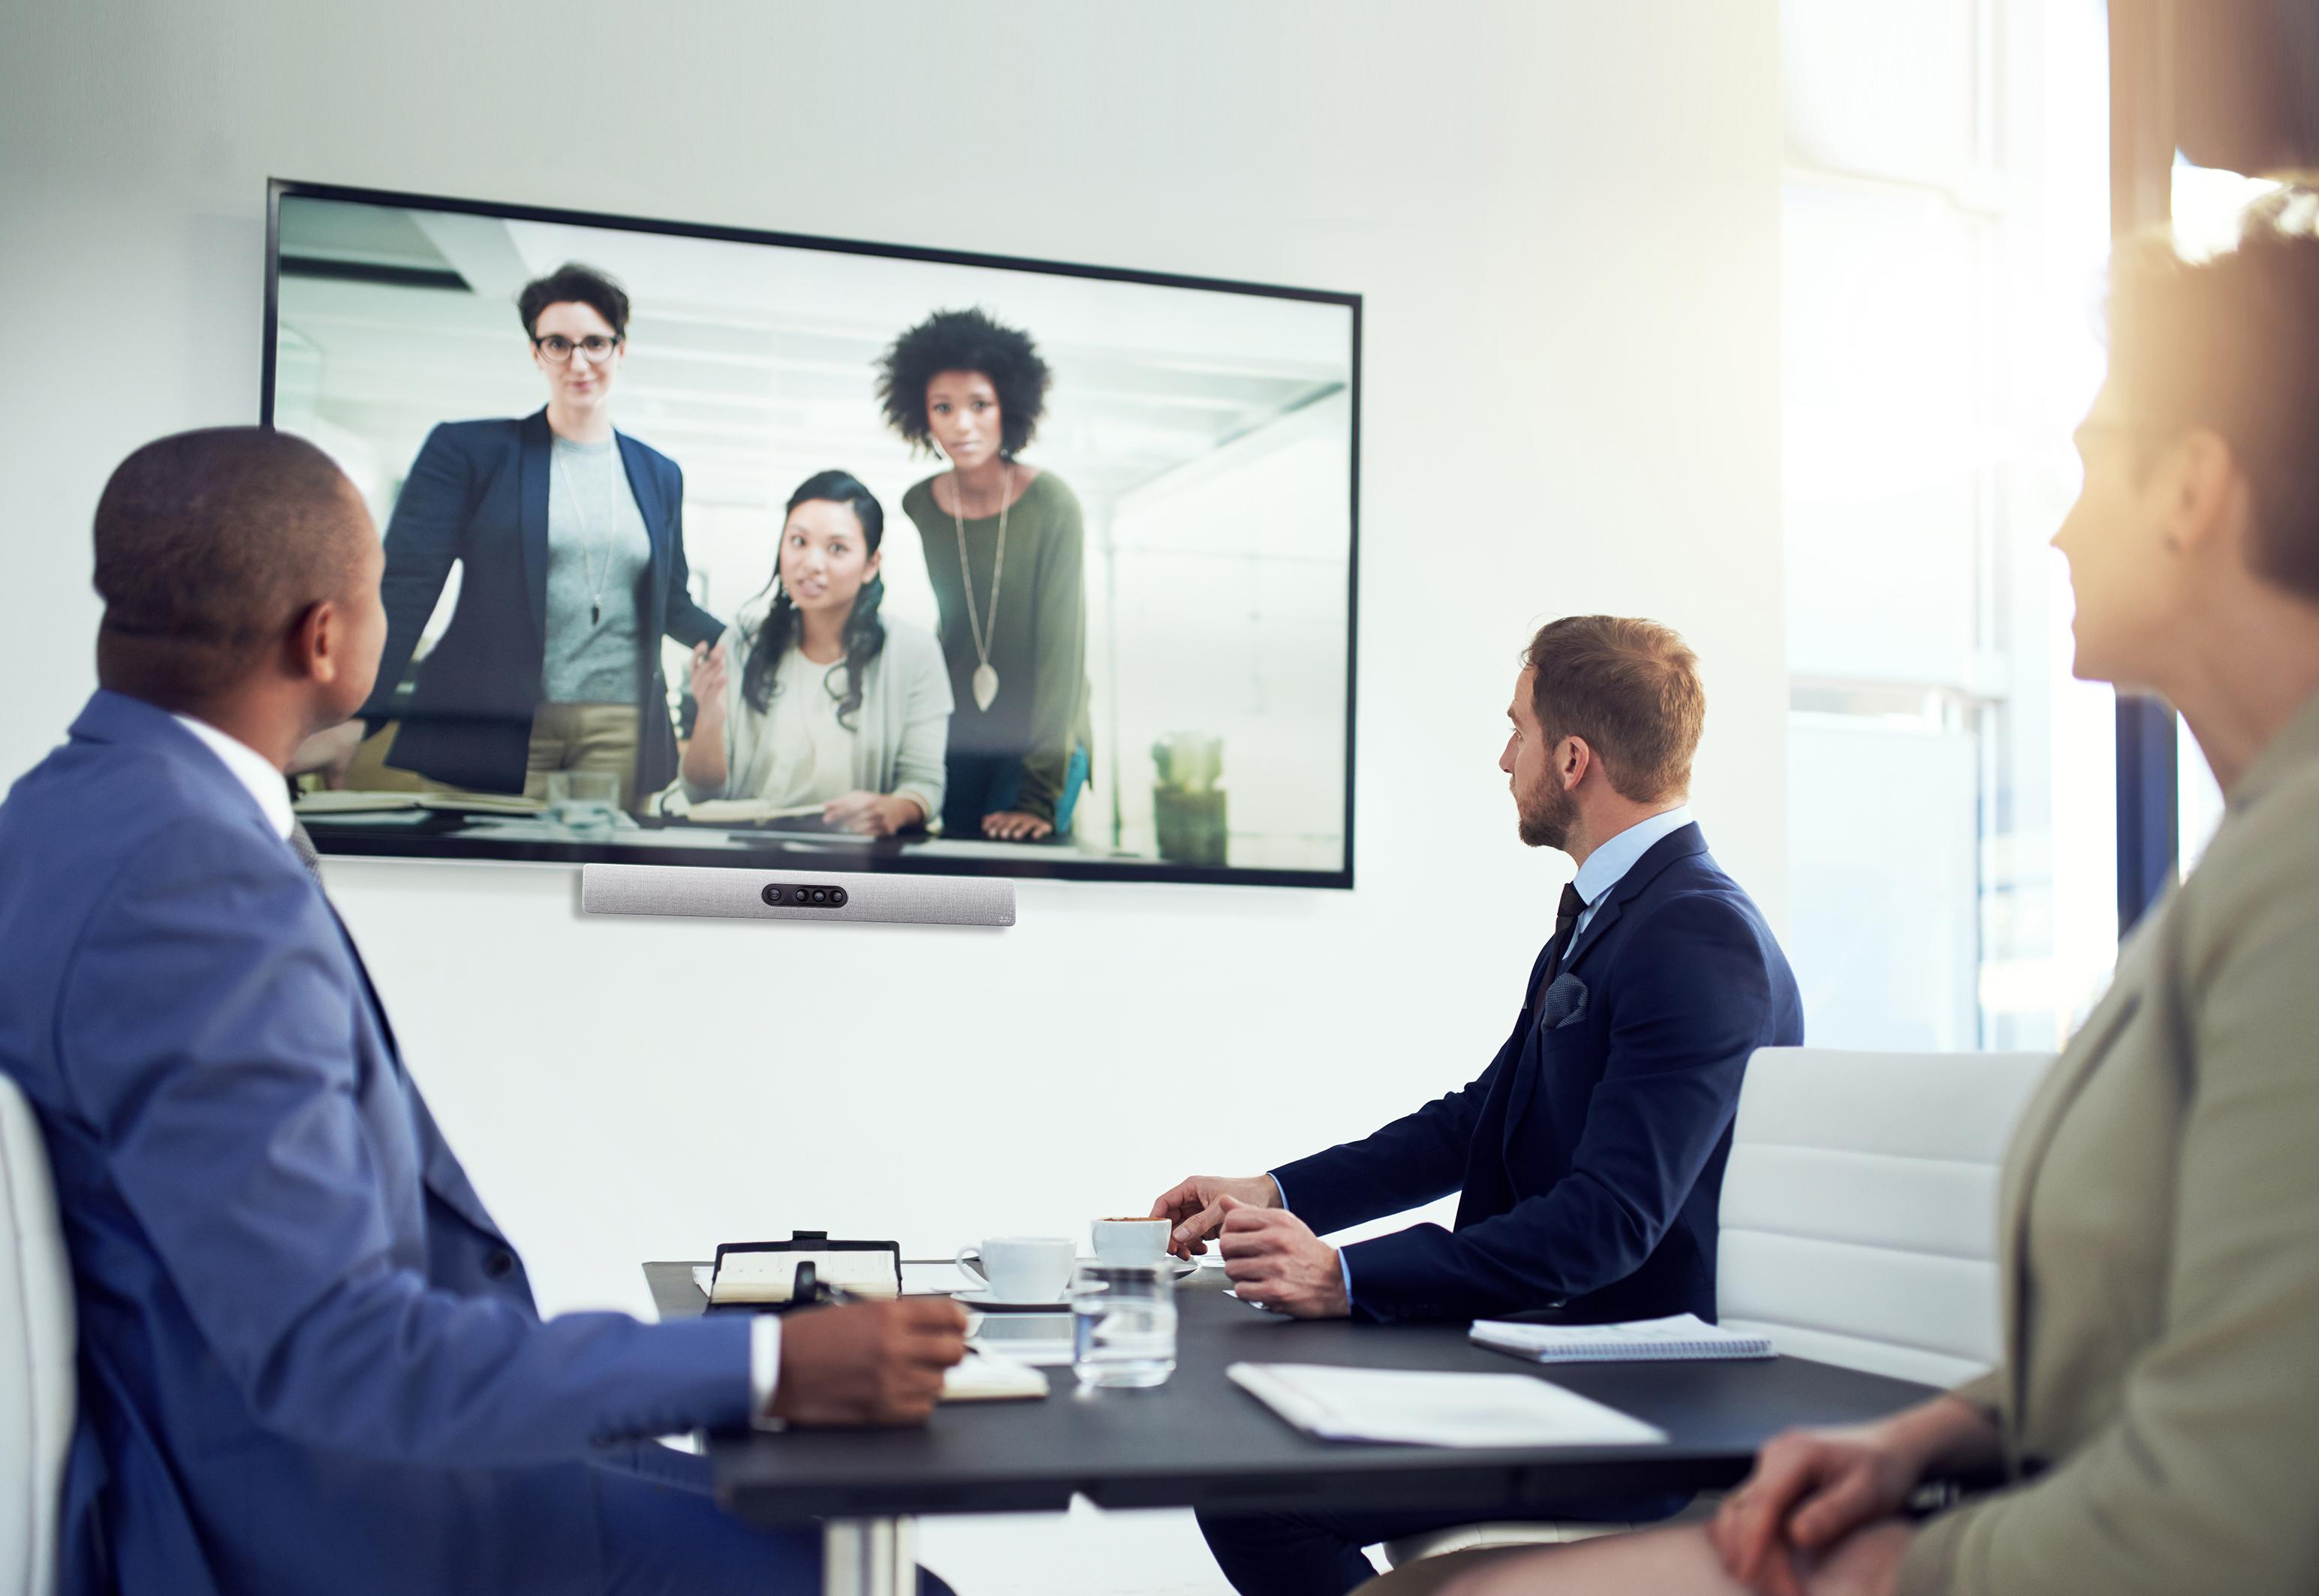 Display-uri LG destinate integrării cu sisteme Cisco pentru conferințe video